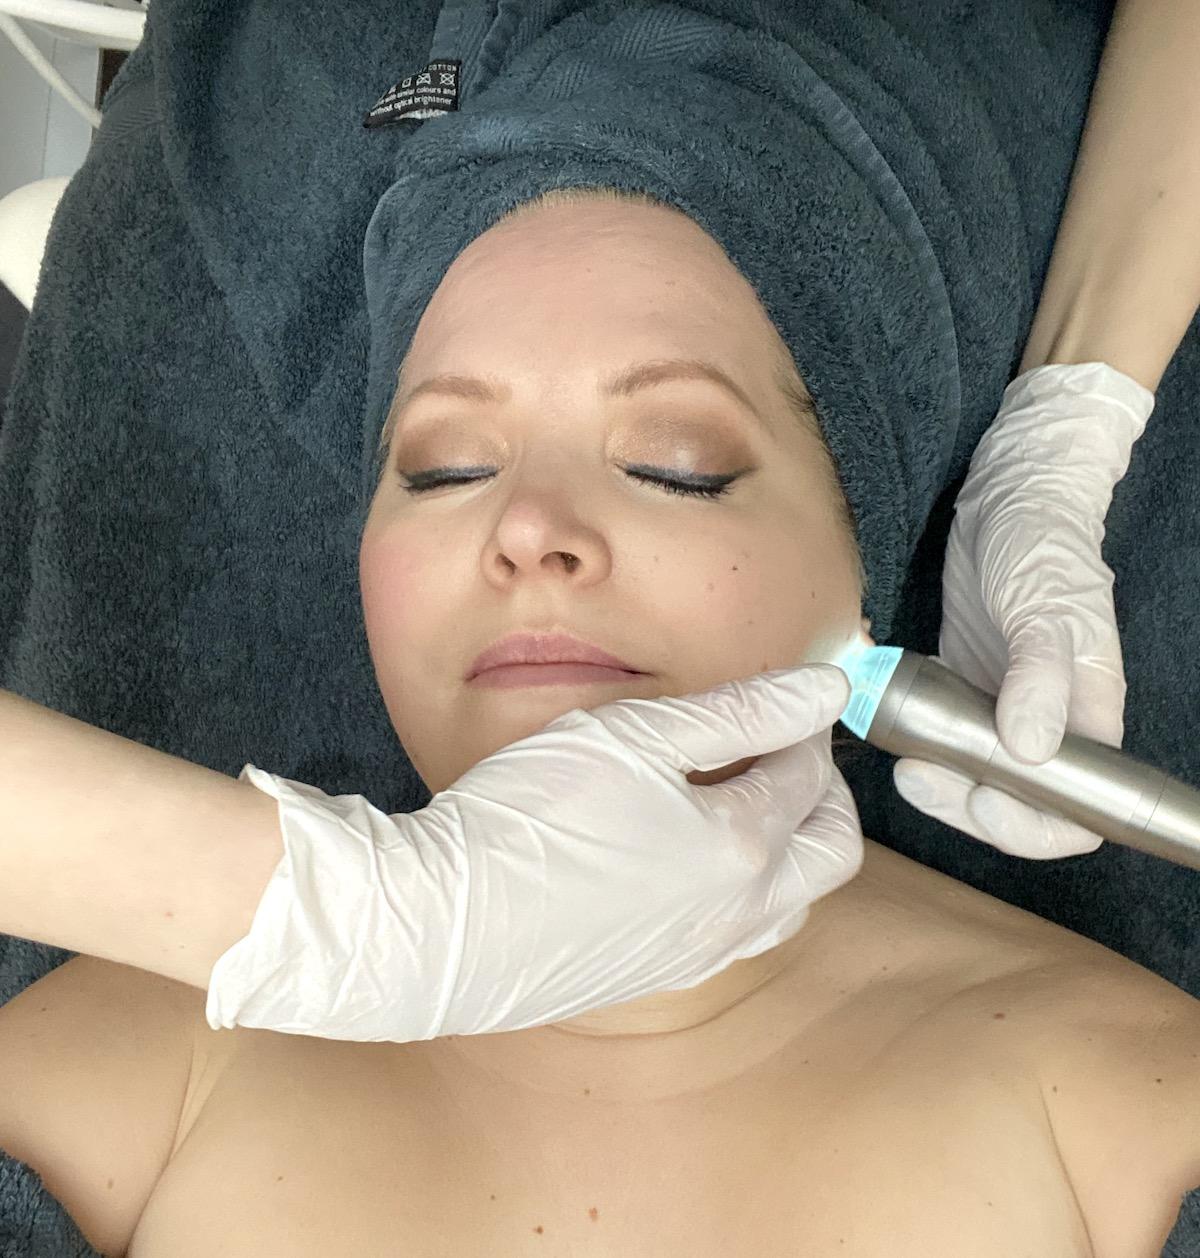 Ett munstycke med ett blått sken och Elins ansikte i närbild. Hudterapeutens händer har handskar på.